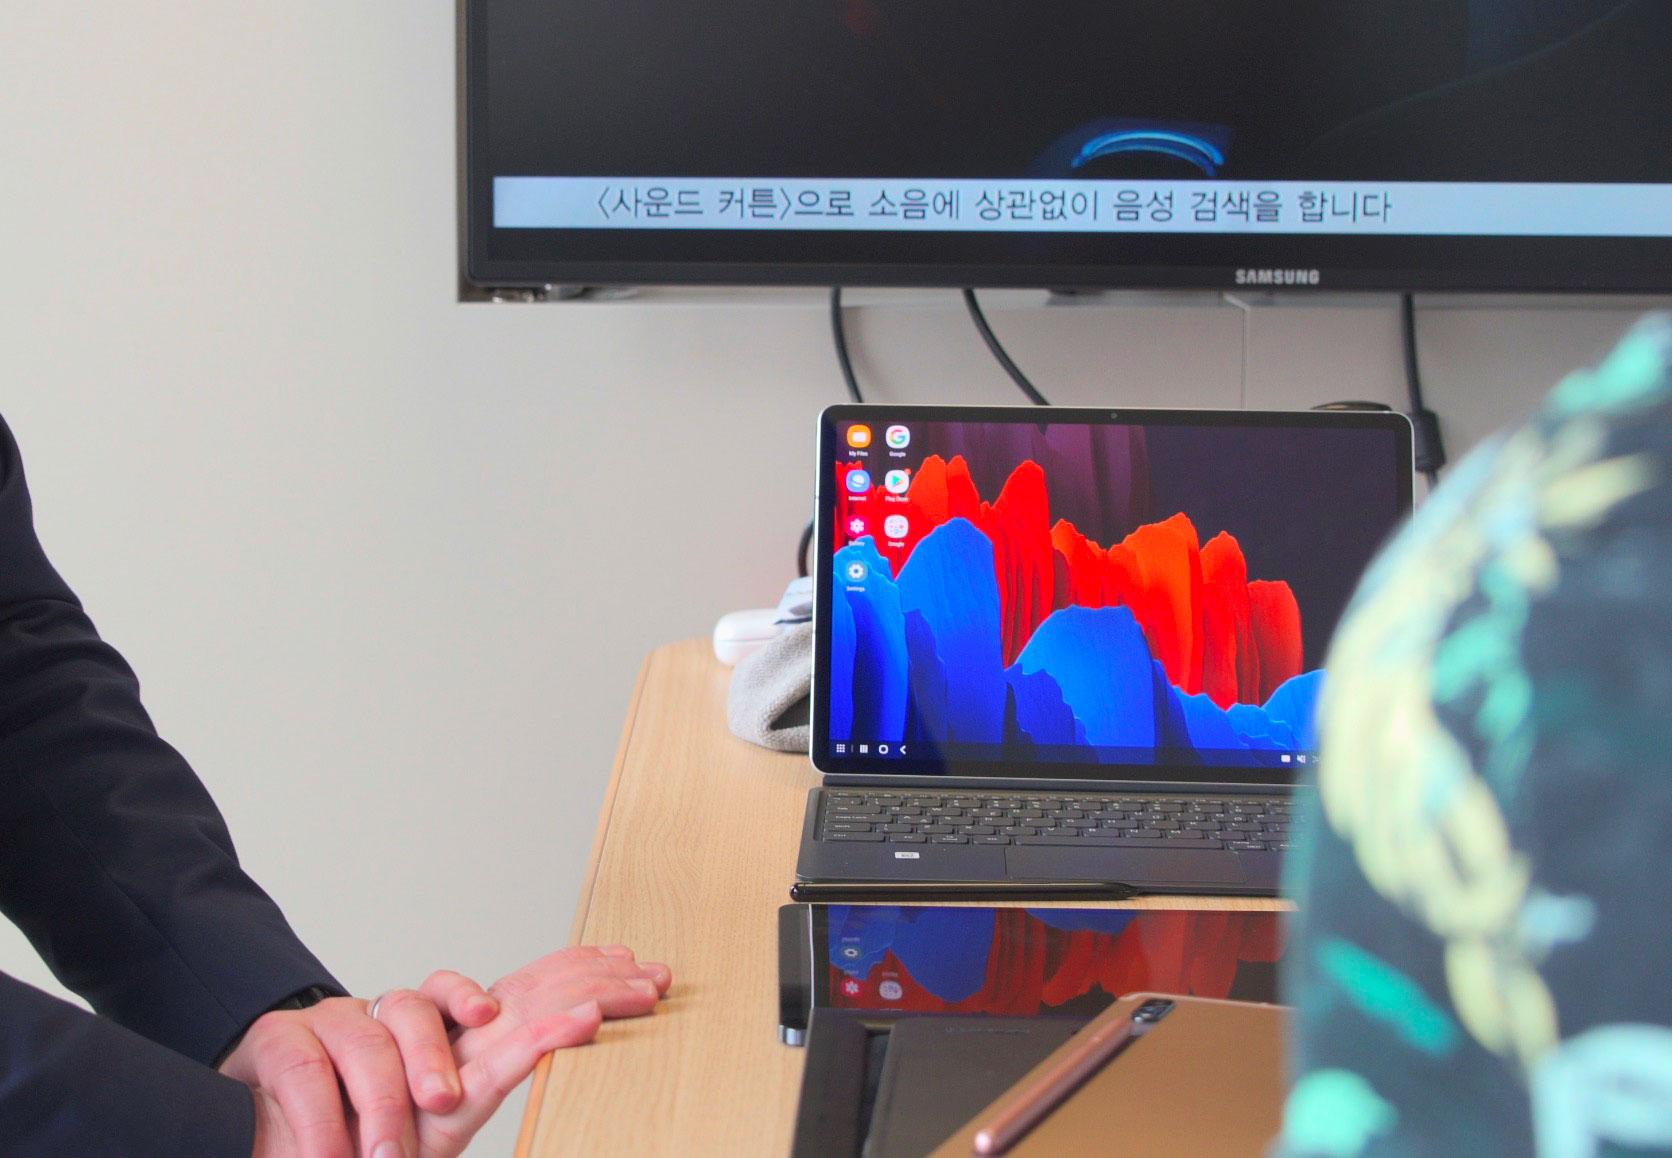 Les Galaxy Tab S7 ont été pensées comme des machines polyvalentes, capables de remplir pas mal de rôles